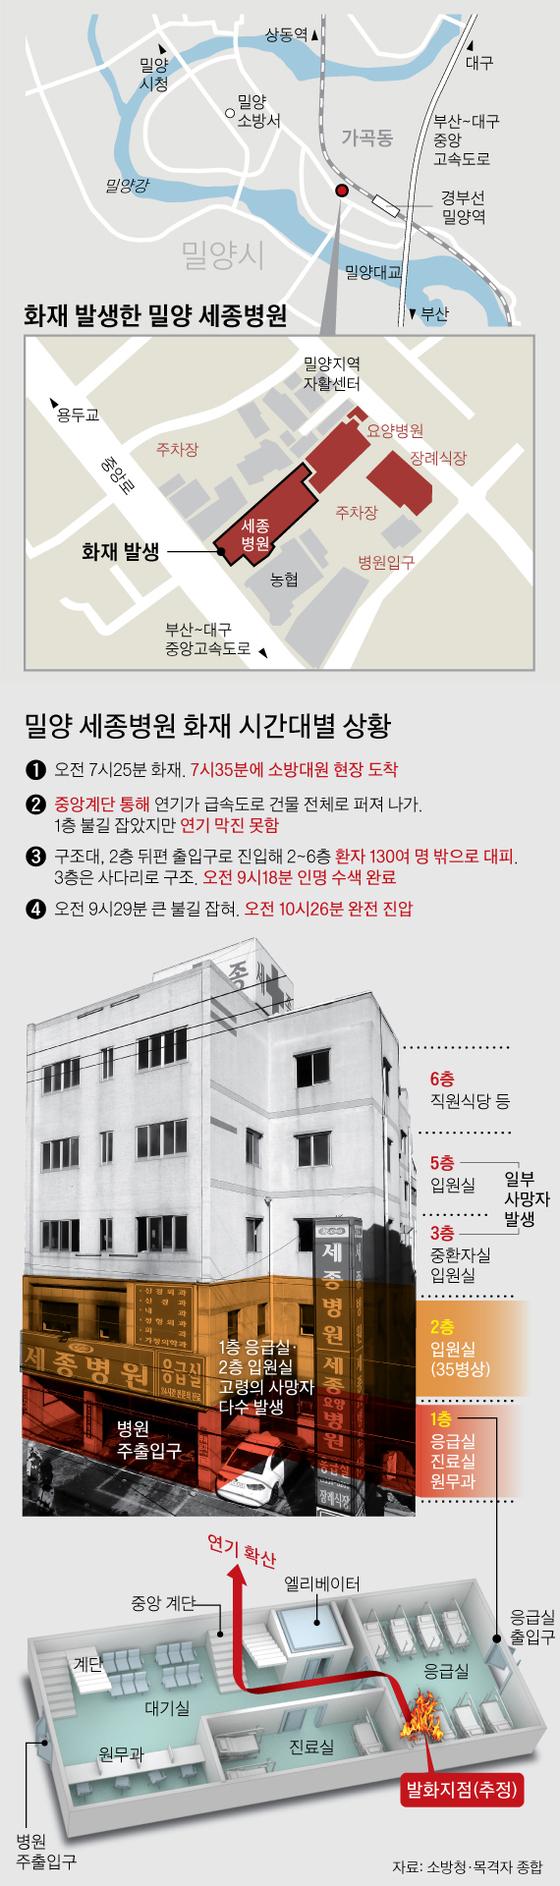 [그래픽=박경민·차준홍 기자 minn@joongang.co.kr]